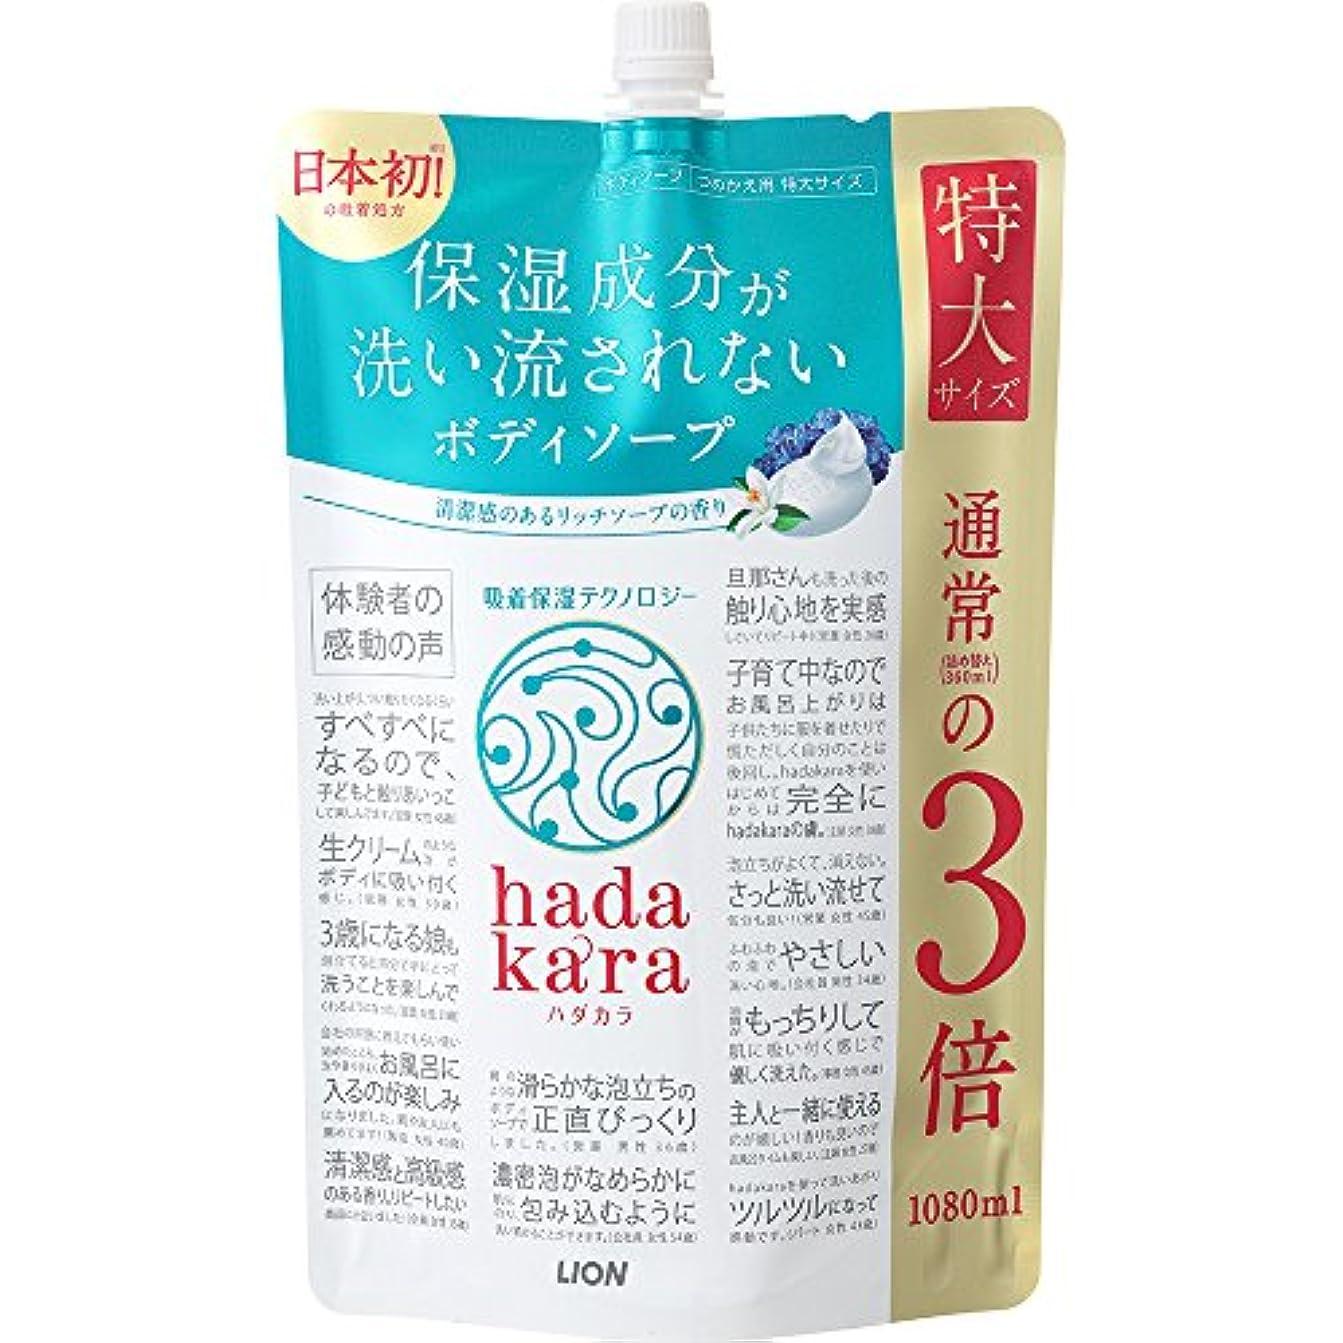 浸した部分政治家【大容量】hadakara(ハダカラ) ボディソープ リッチソープの香り 詰め替え 特大 1080ml